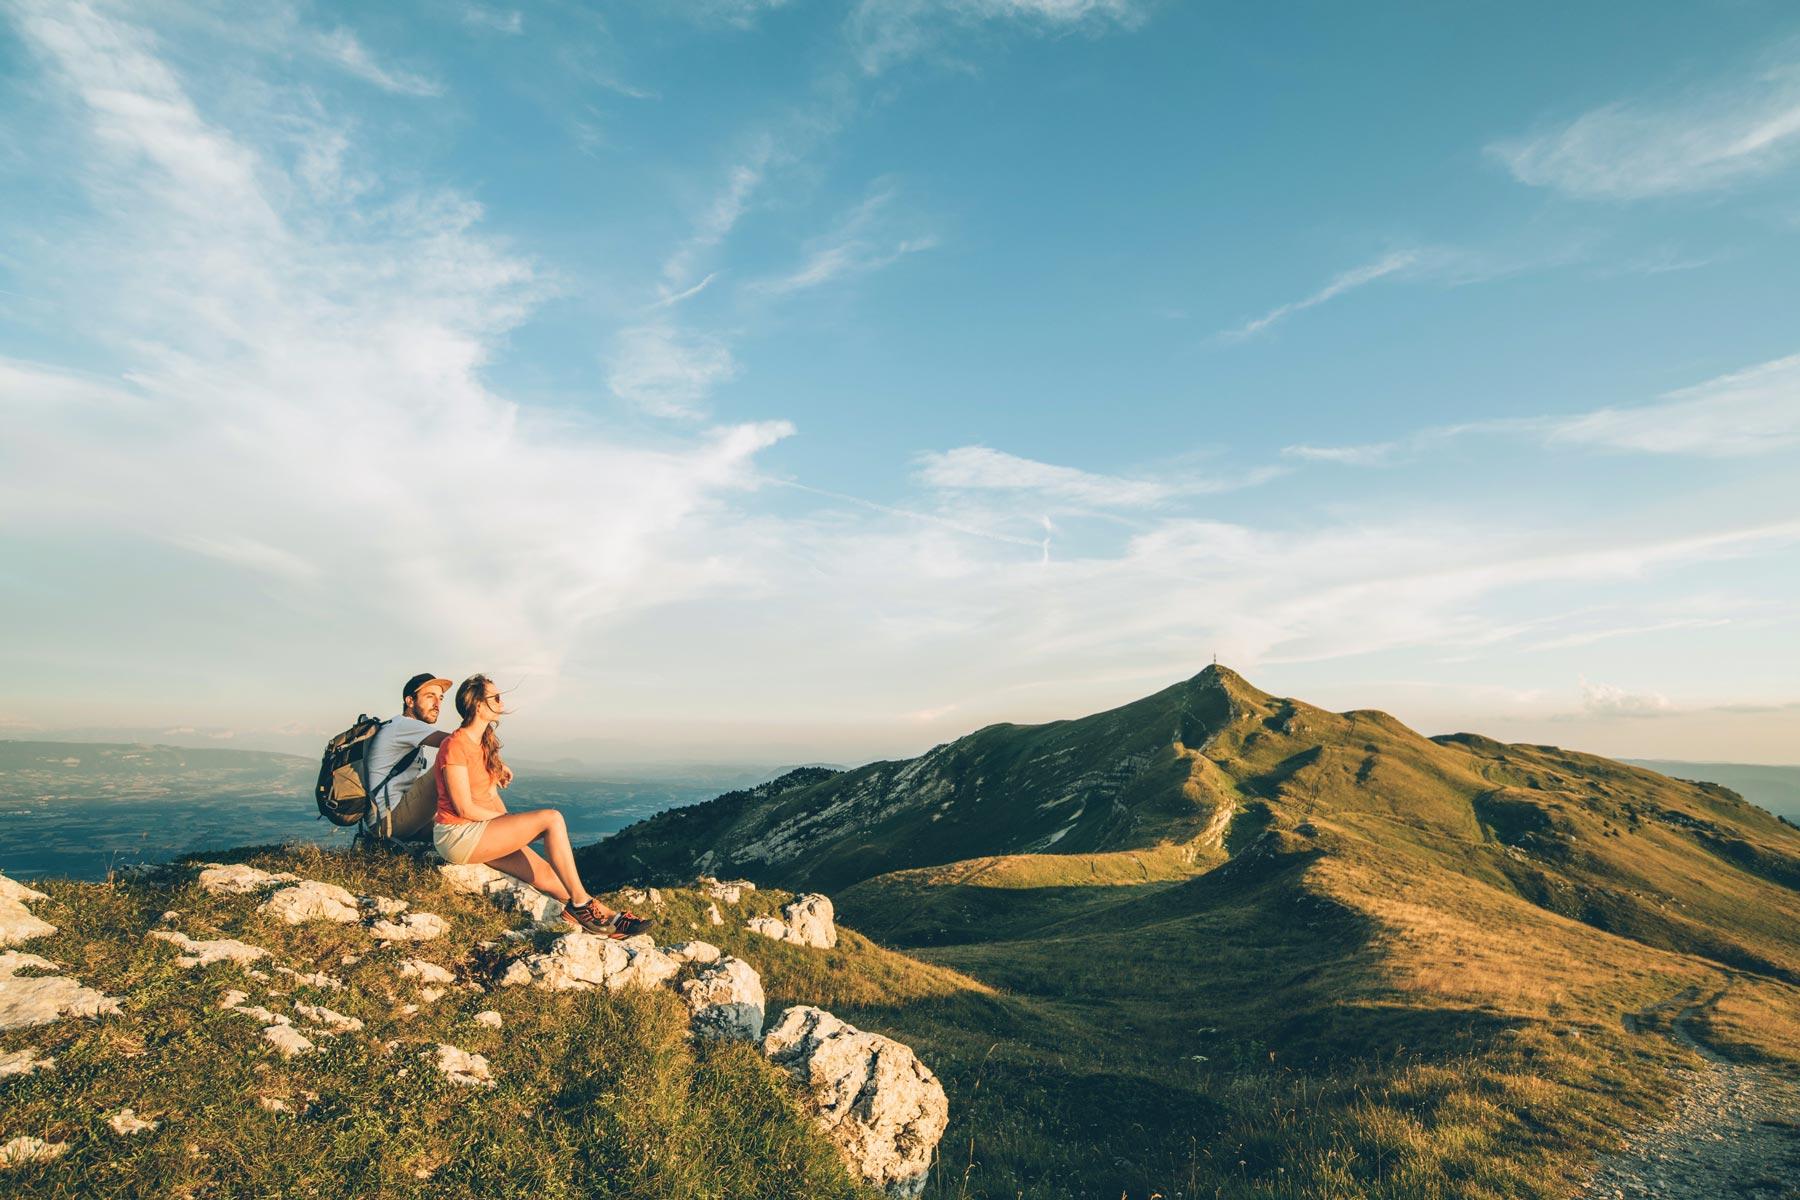 Le reculet, Montagnes du Jura